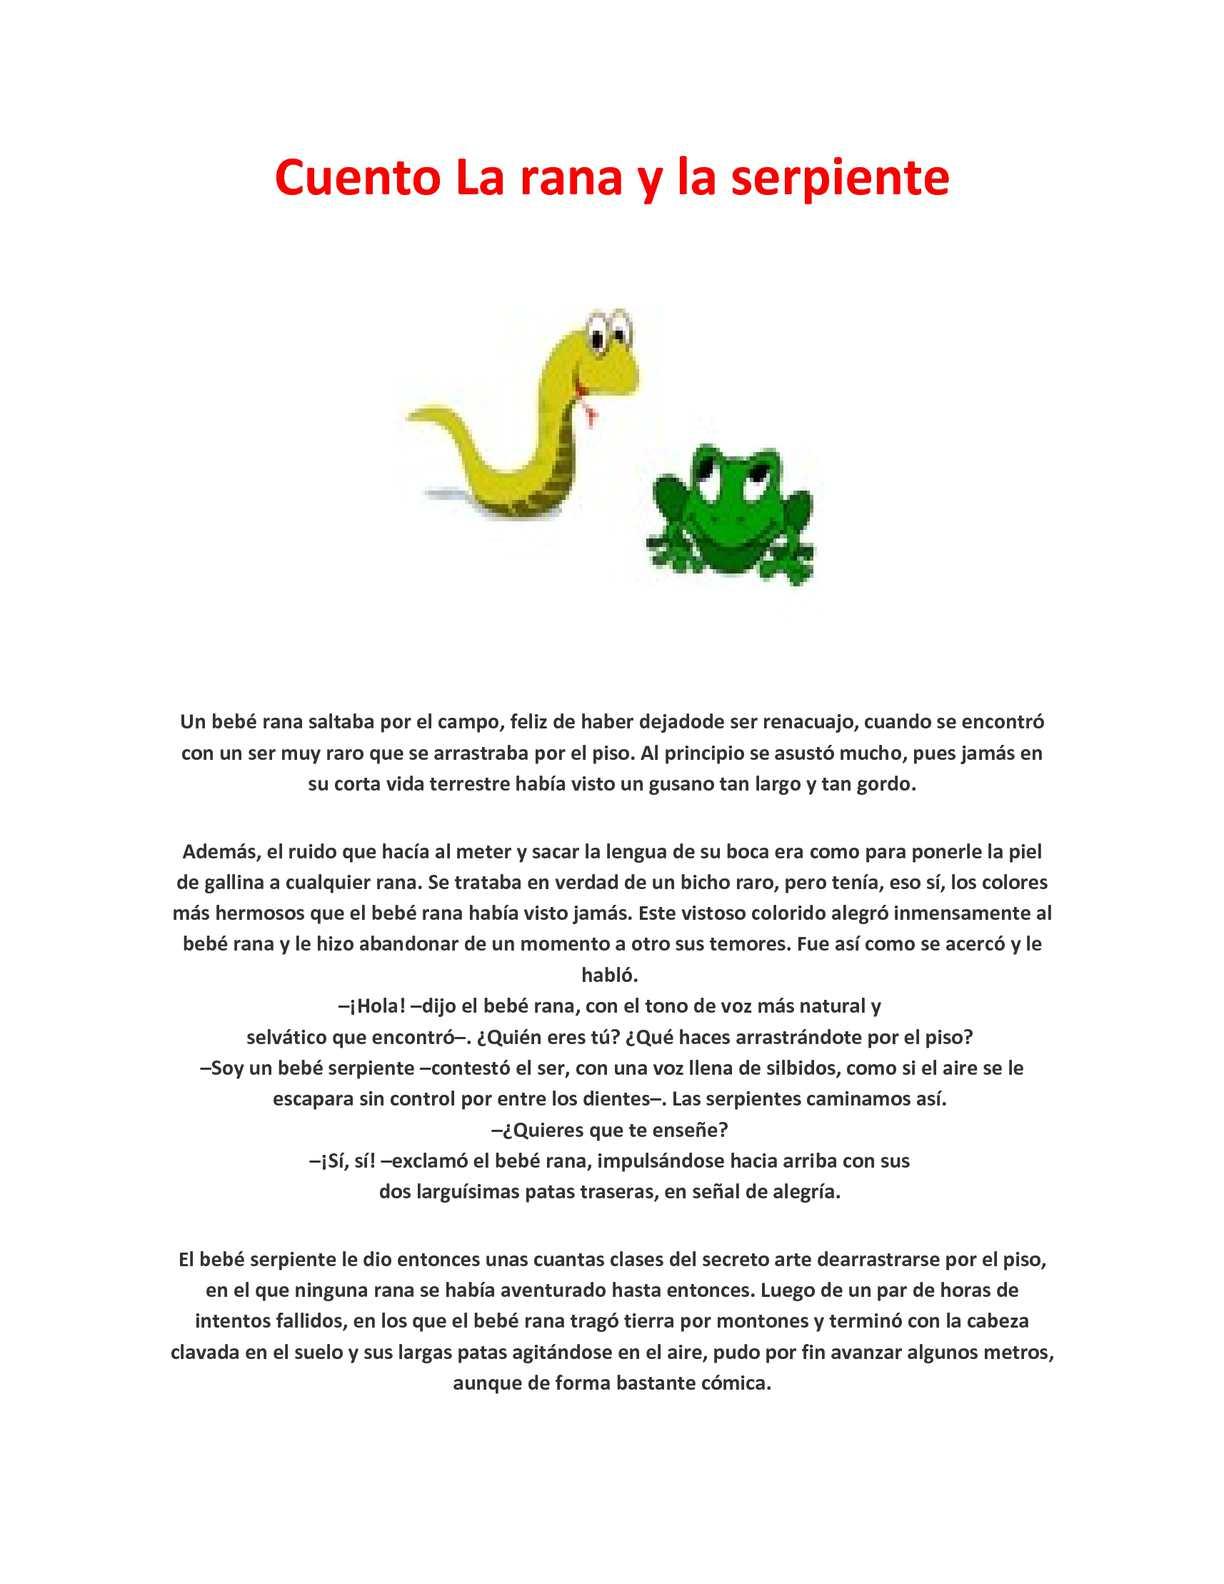 Calaméo - Cuento La rana y la serpiente